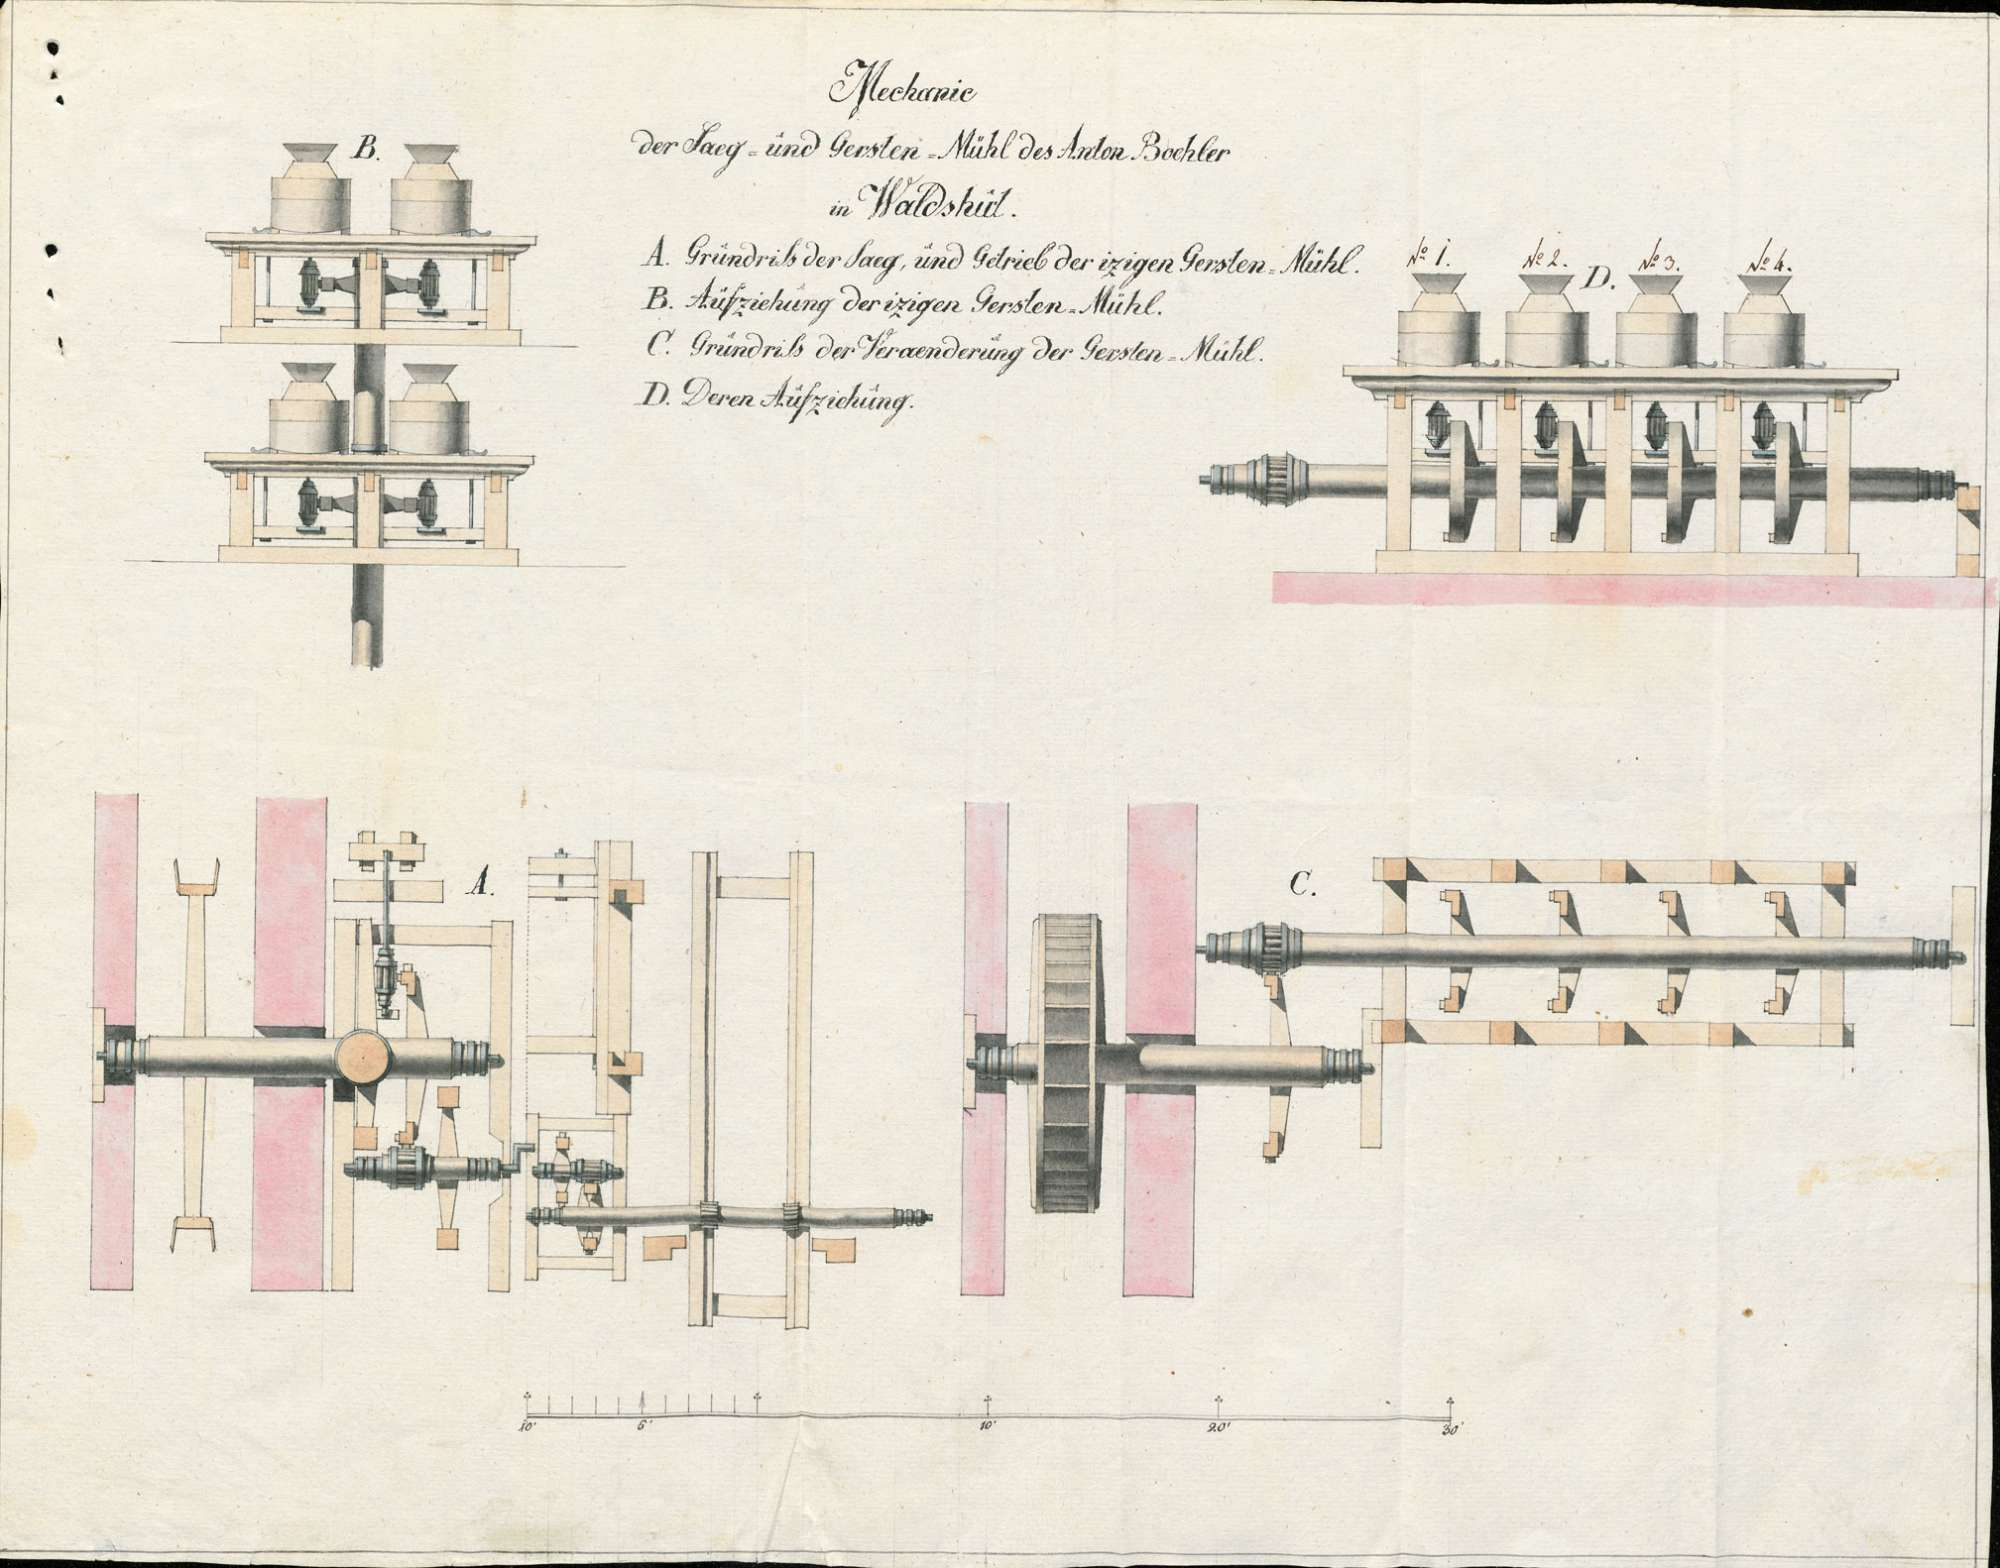 Rechtsstreit zwischen den Müllern in Waldshut und dem Werkmeister Anton Böhler von da wegen Errichtung einer Gerstenrolle oder Mühle, Bild 1